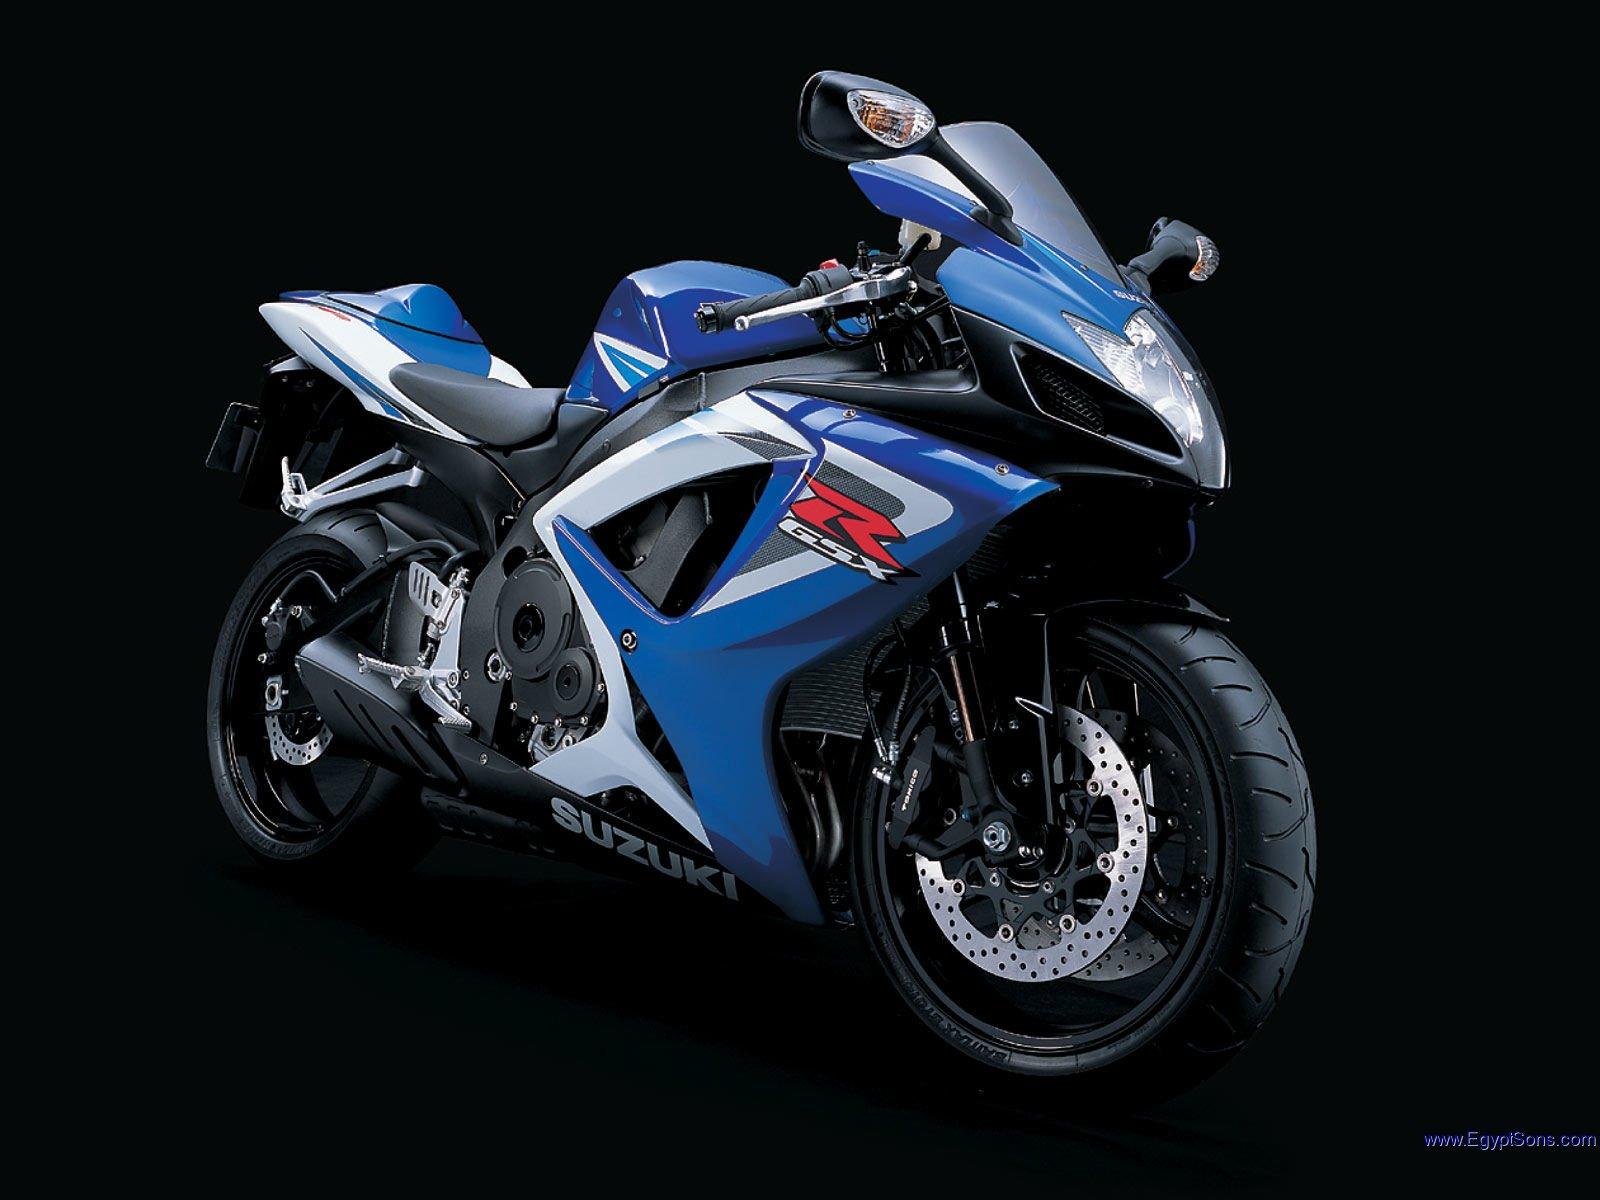 http://1.bp.blogspot.com/-oZ0OGyPJPNU/UQIGqMwASrI/AAAAAAAAAfI/URJbNzbIGxM/s1600/cool-bikes-17.jpg Cool